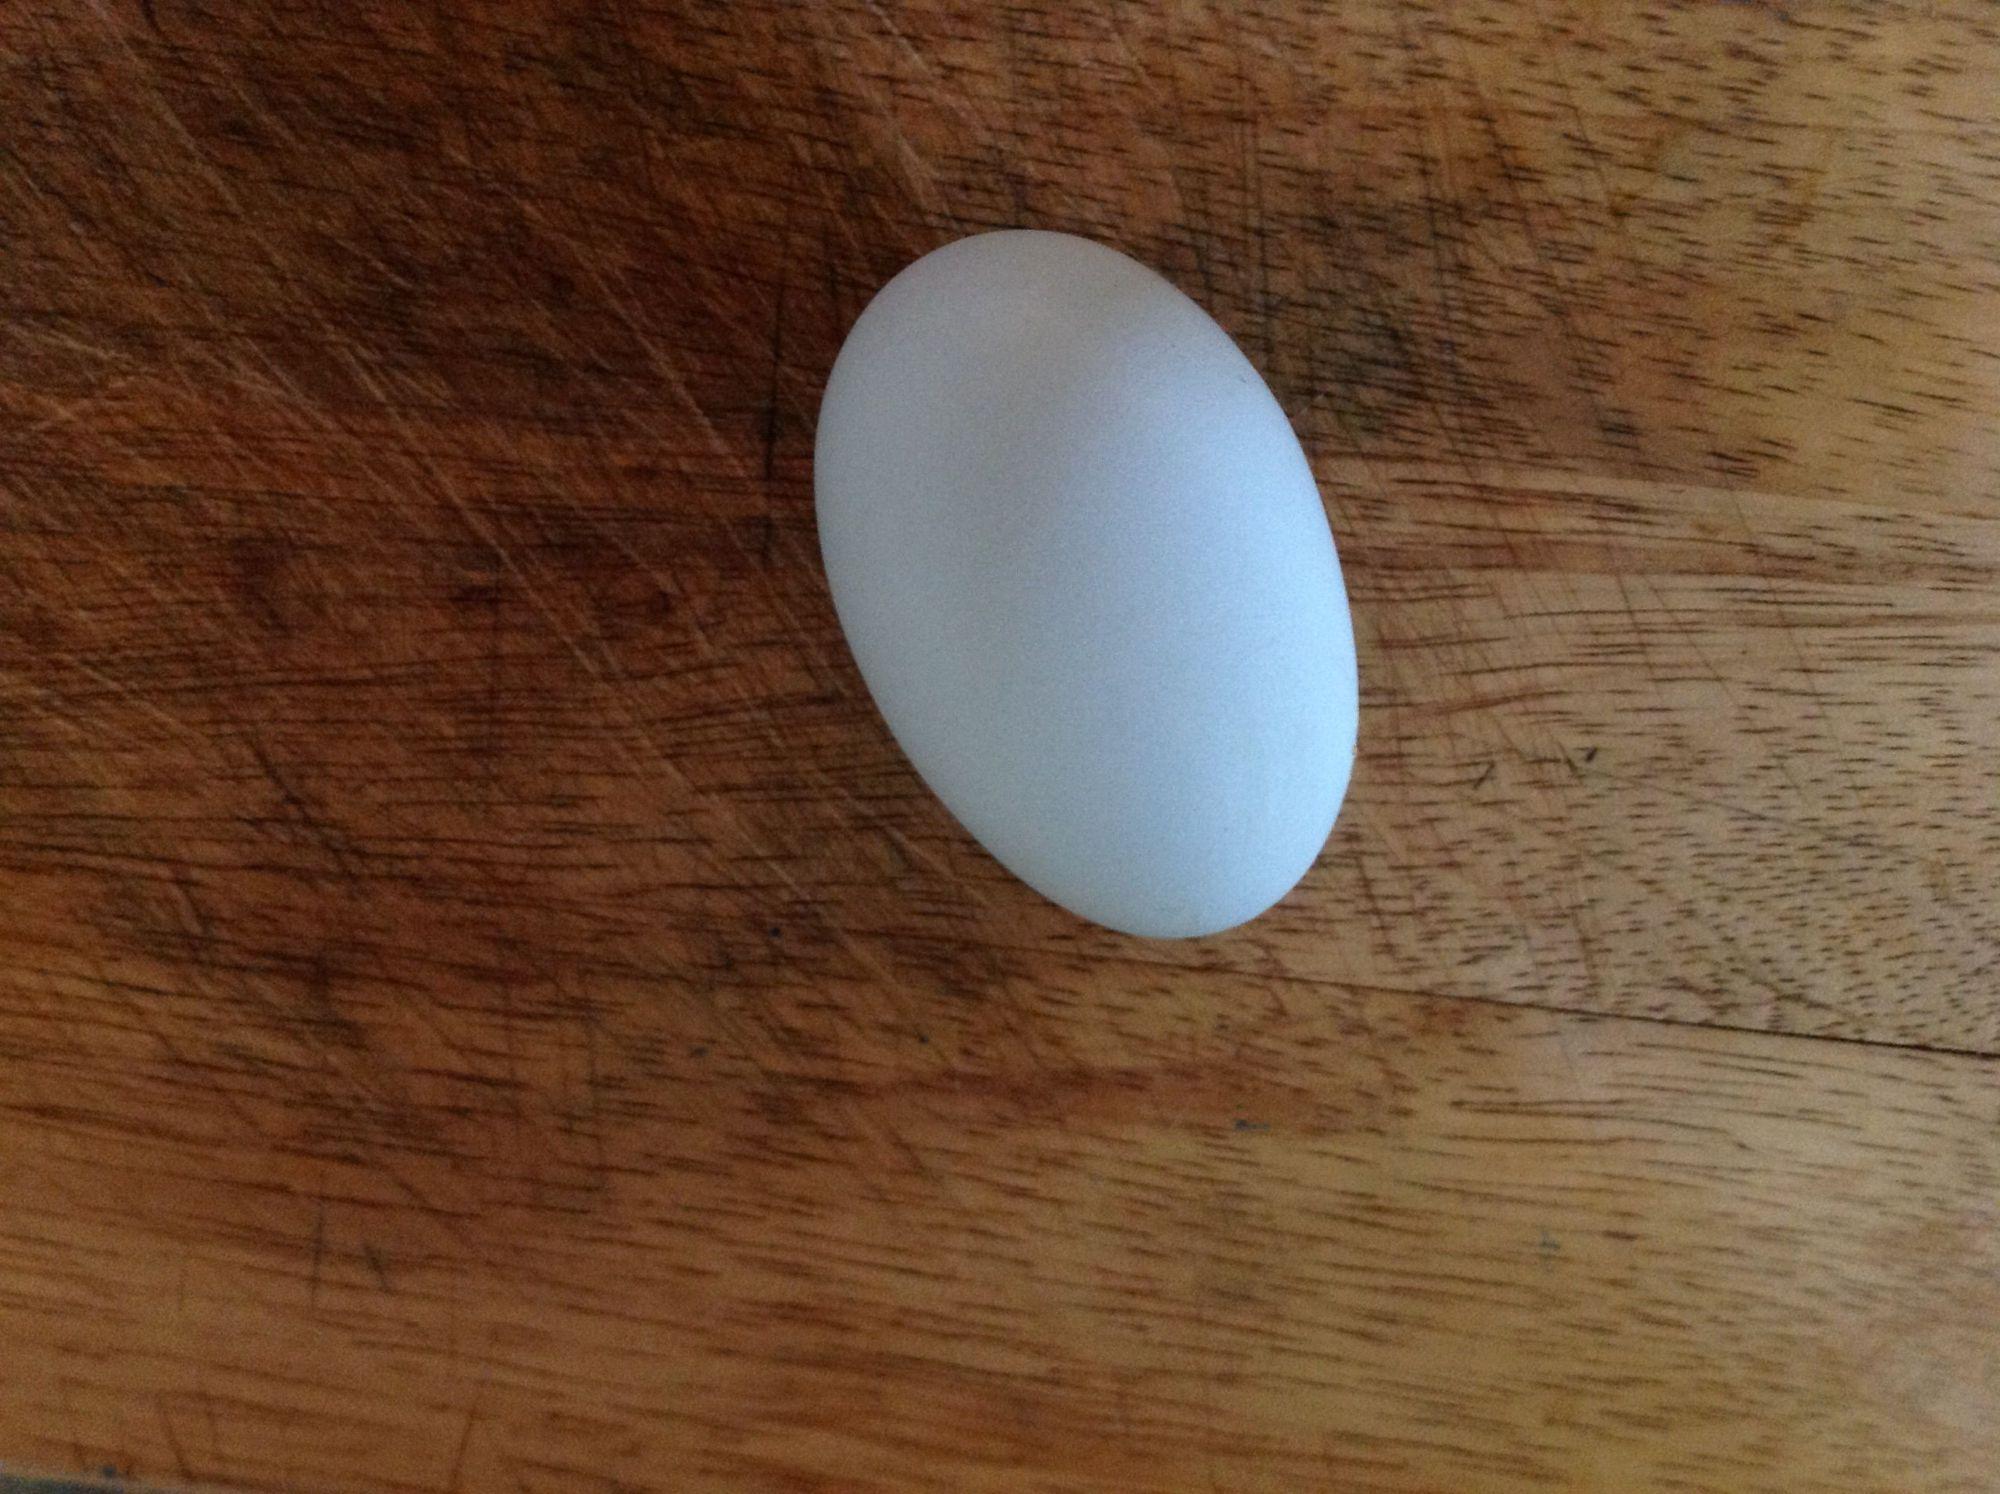 First Blue egg